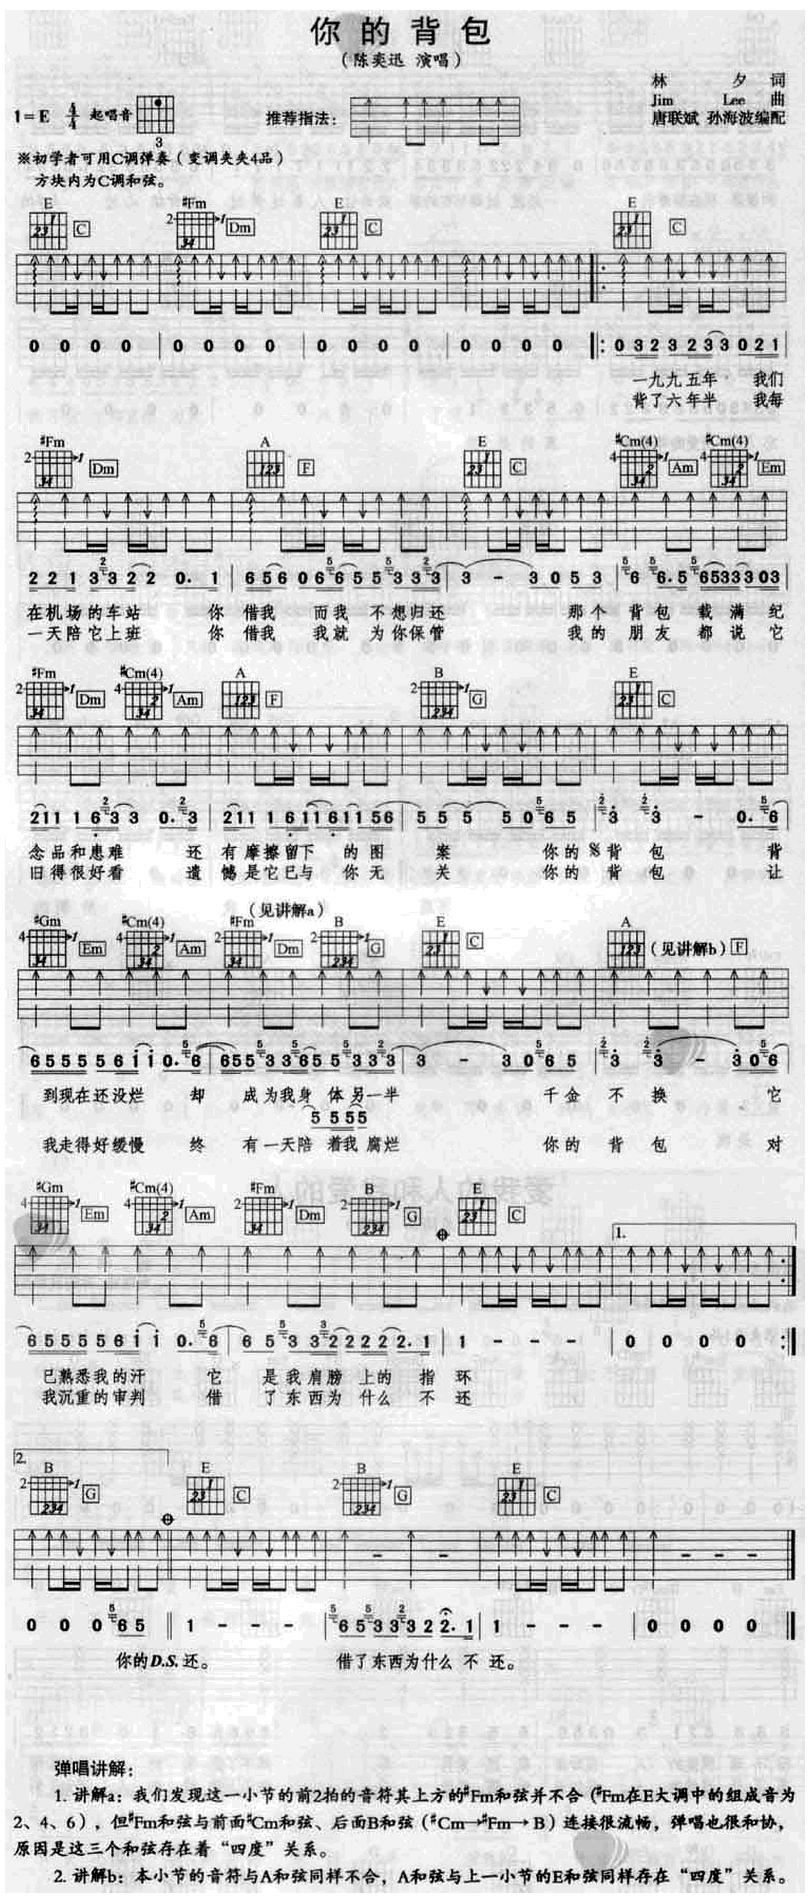 你的揹包-陳奕迅-图片吉他谱-0